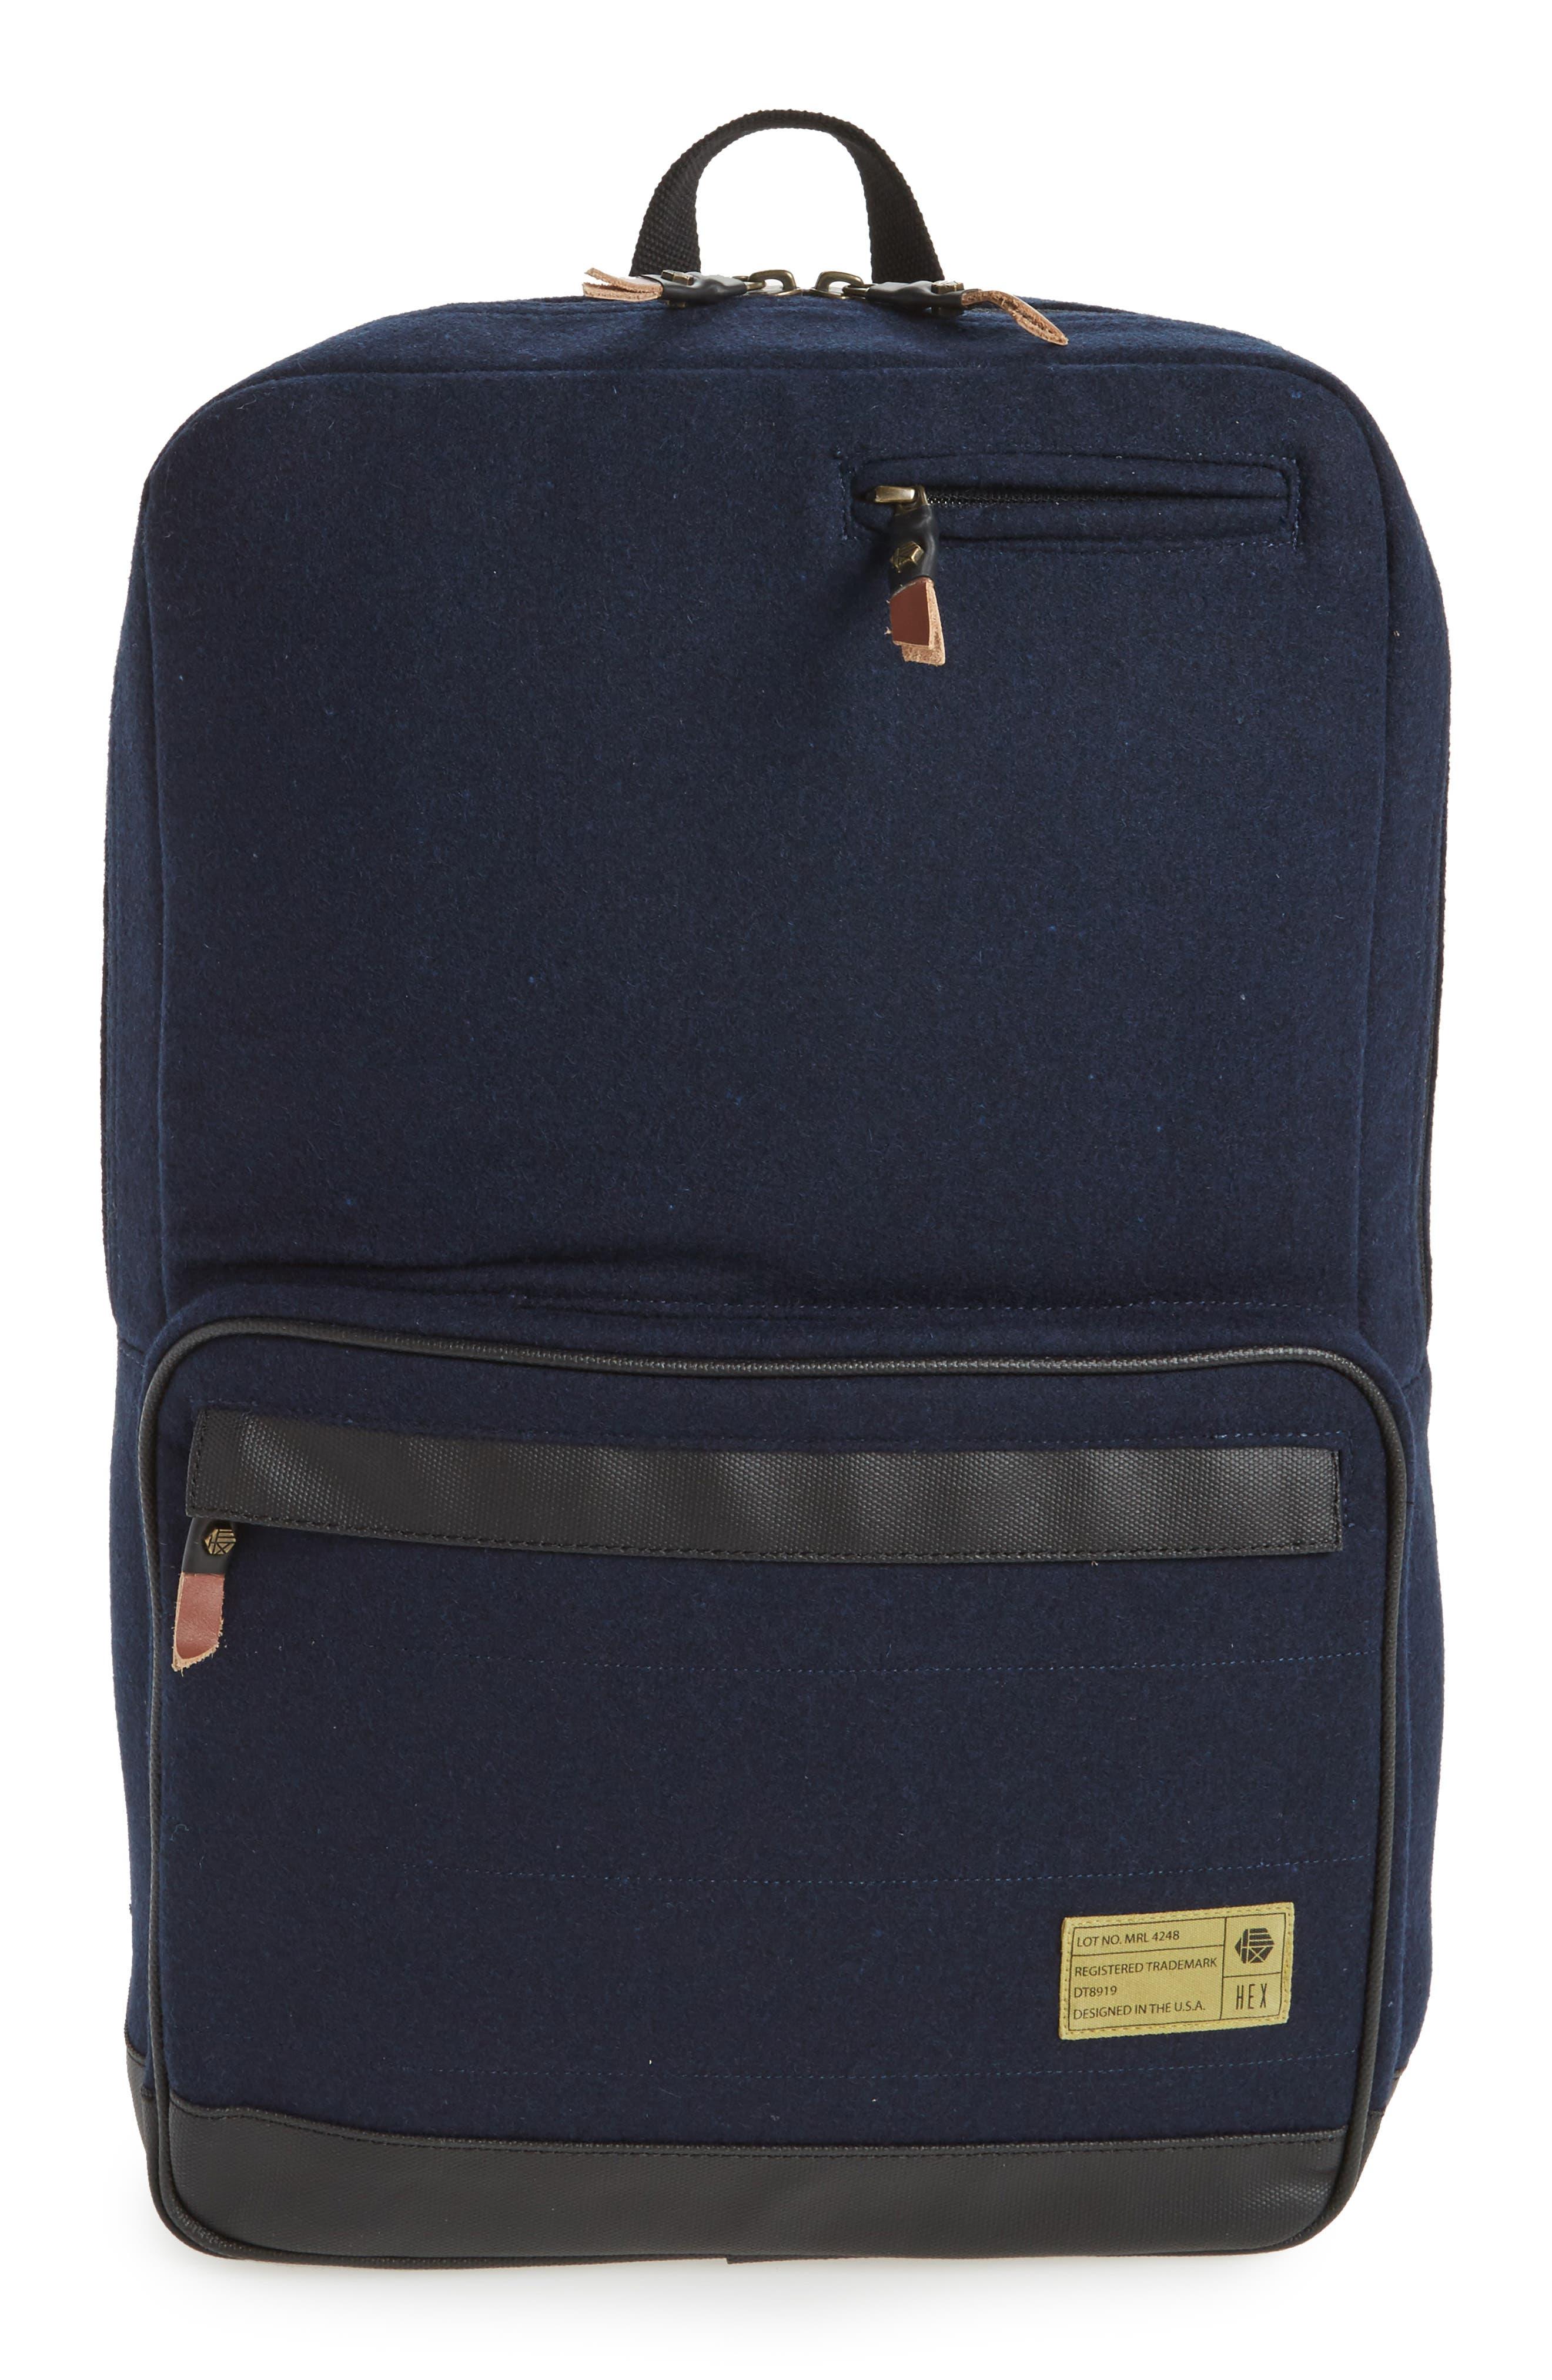 Radar Origin Water Resistant Commuter/Travel Laptop Backpack,                             Main thumbnail 1, color,                             410